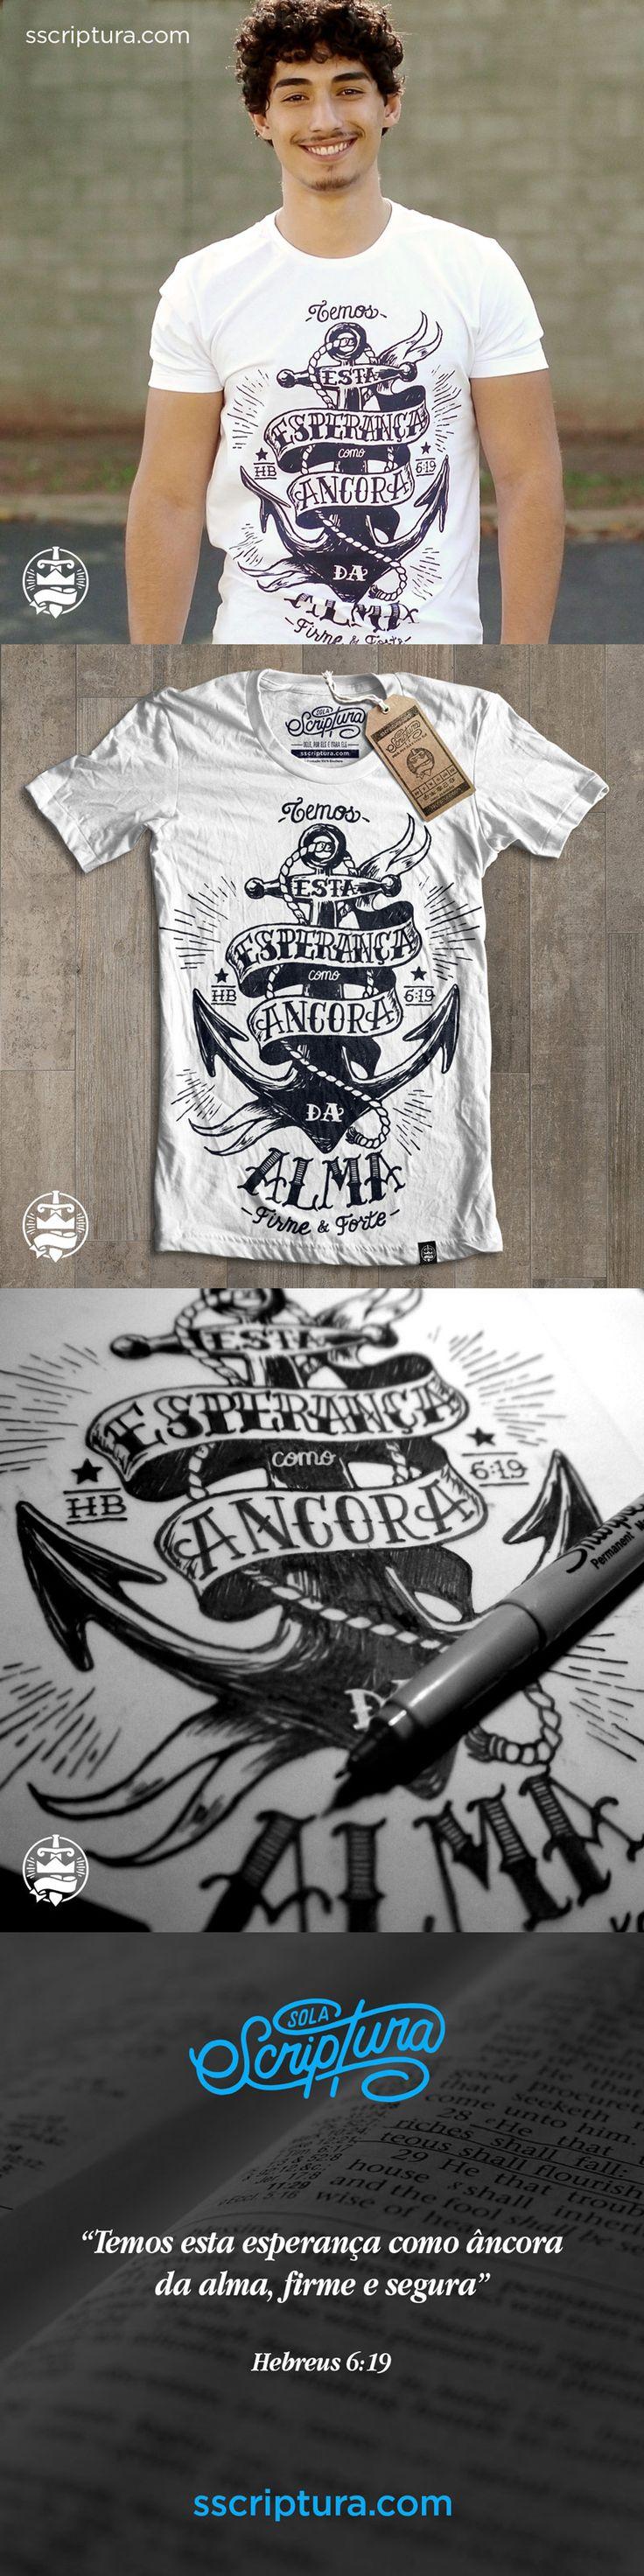 """Camiseta ÂNCORA DA ALMA Masculina - Hebreus 6:19 """"Temos esta esperança como âncora da alma, firme e segura"""" Hebreus 6:19 www.sscriptura.com                                                                                                                                                                                 Mais"""